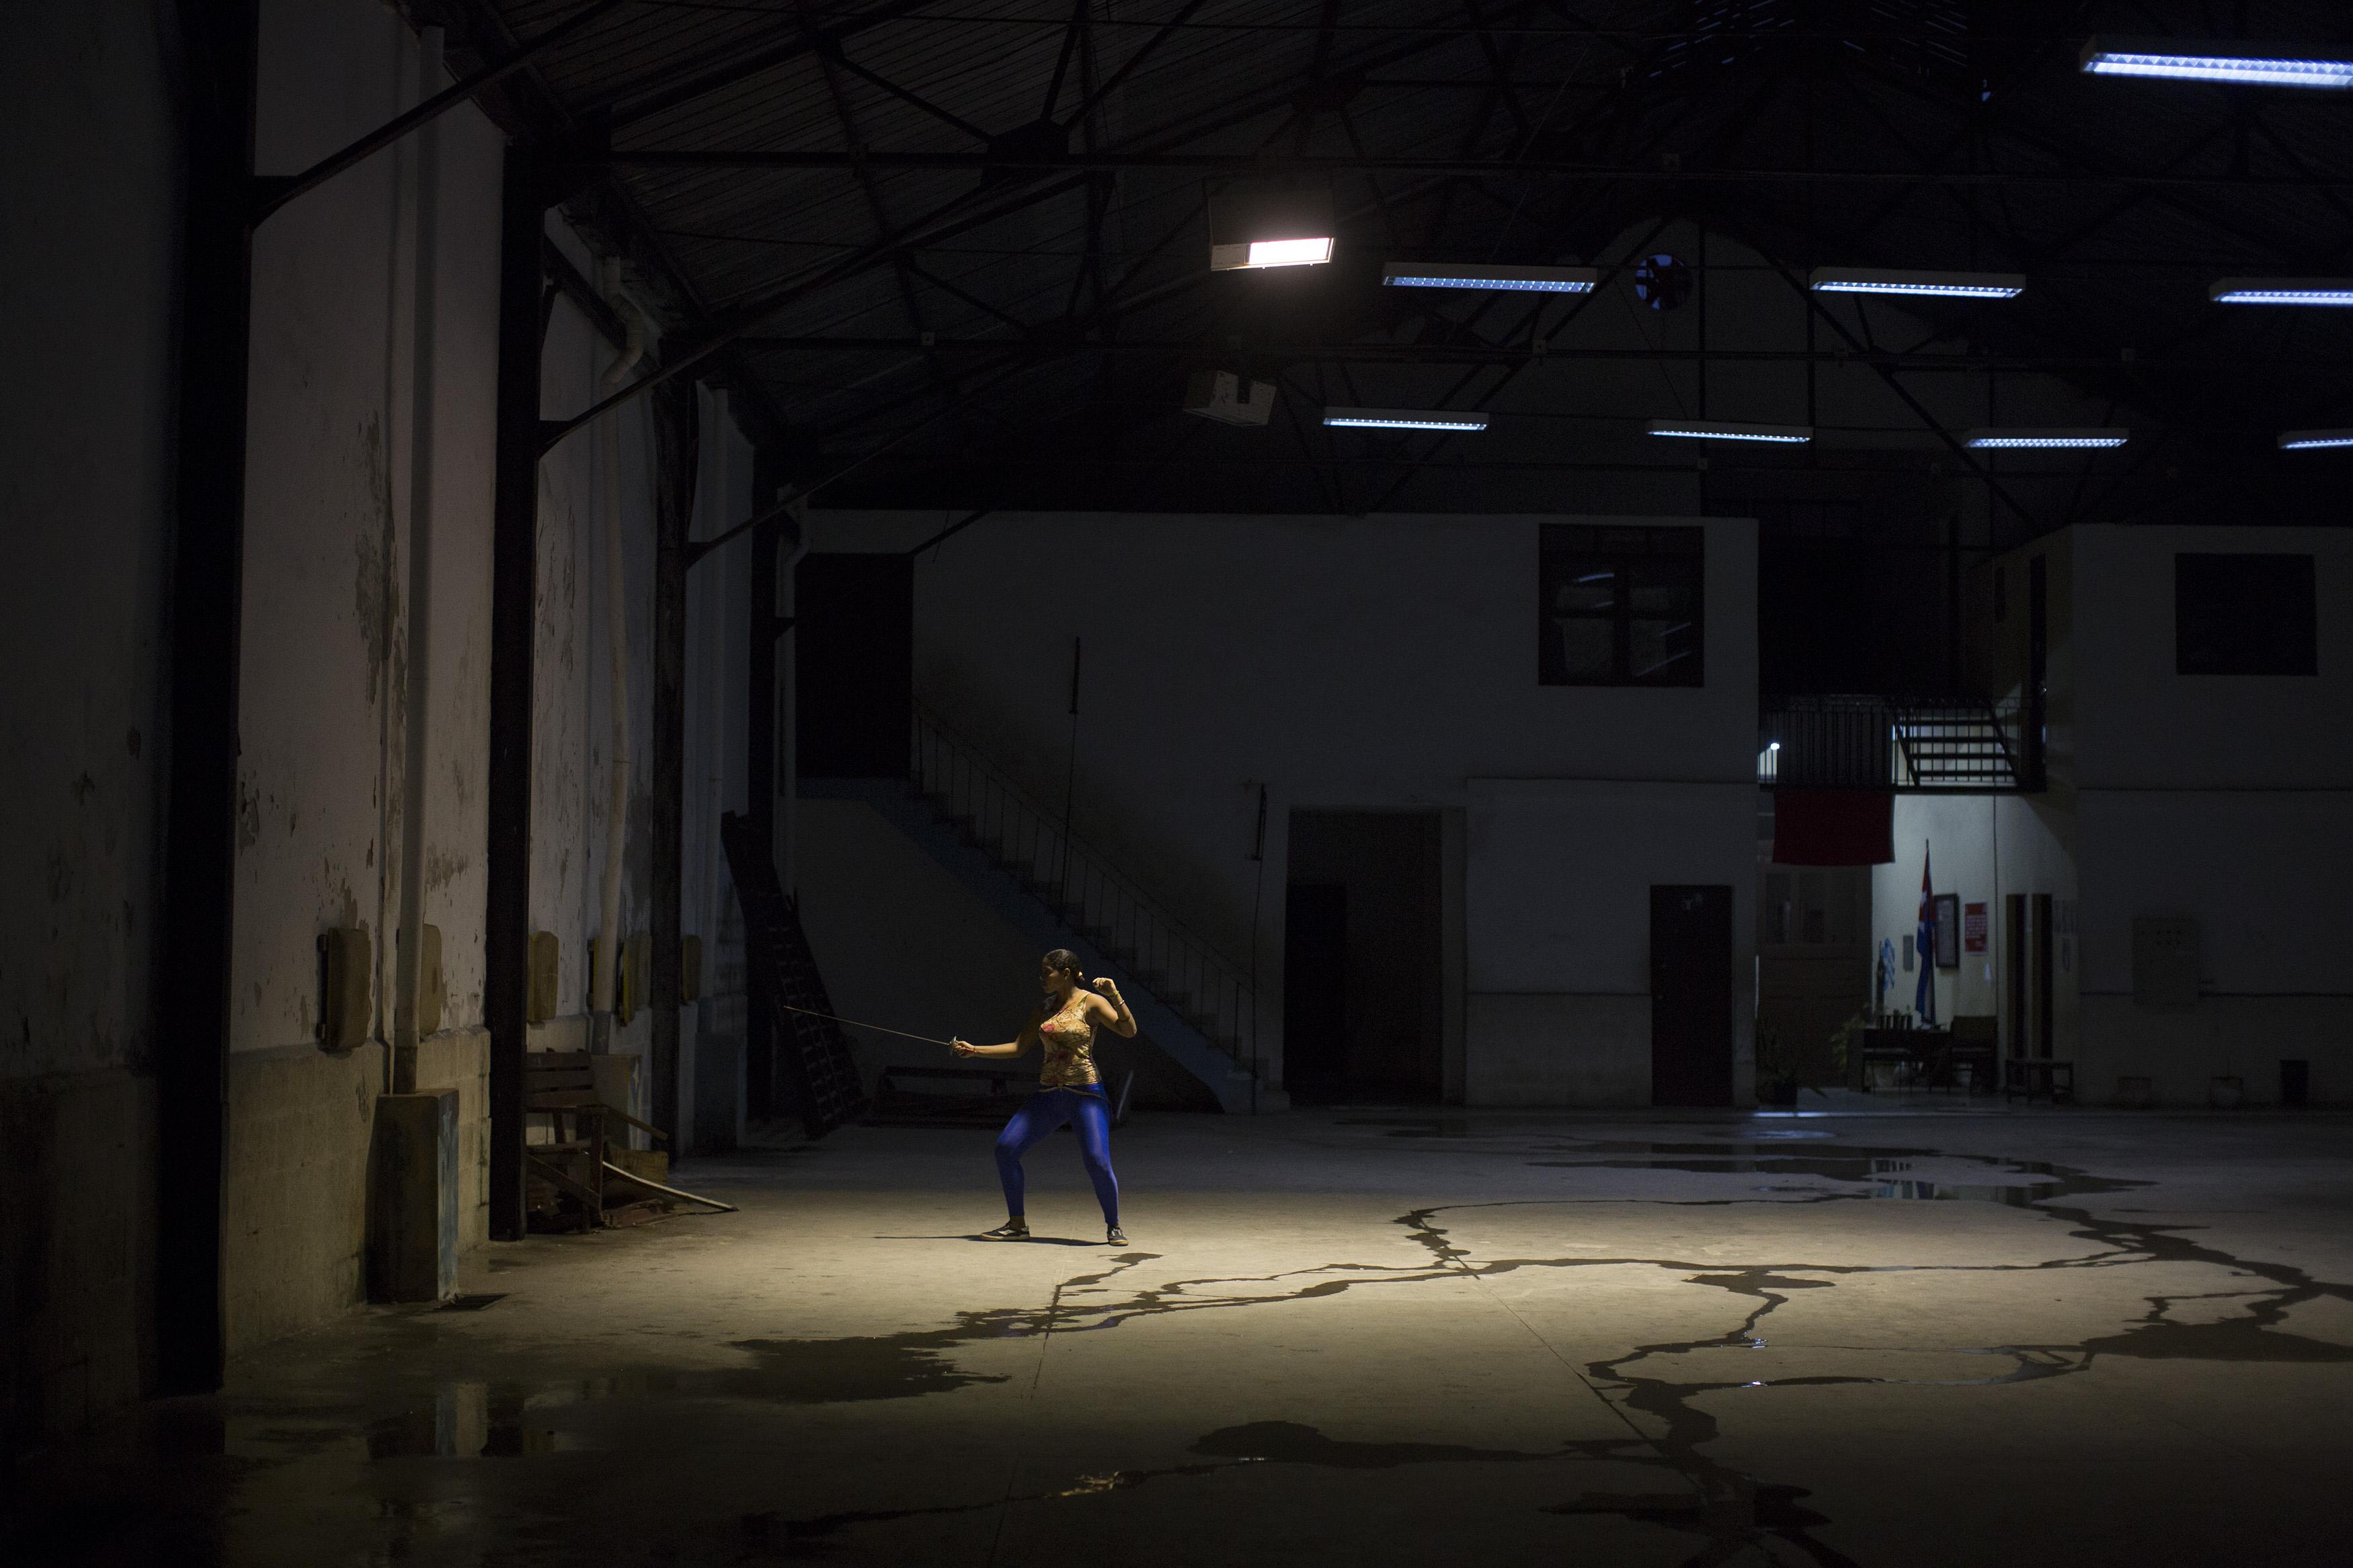 Cuba Fencing School